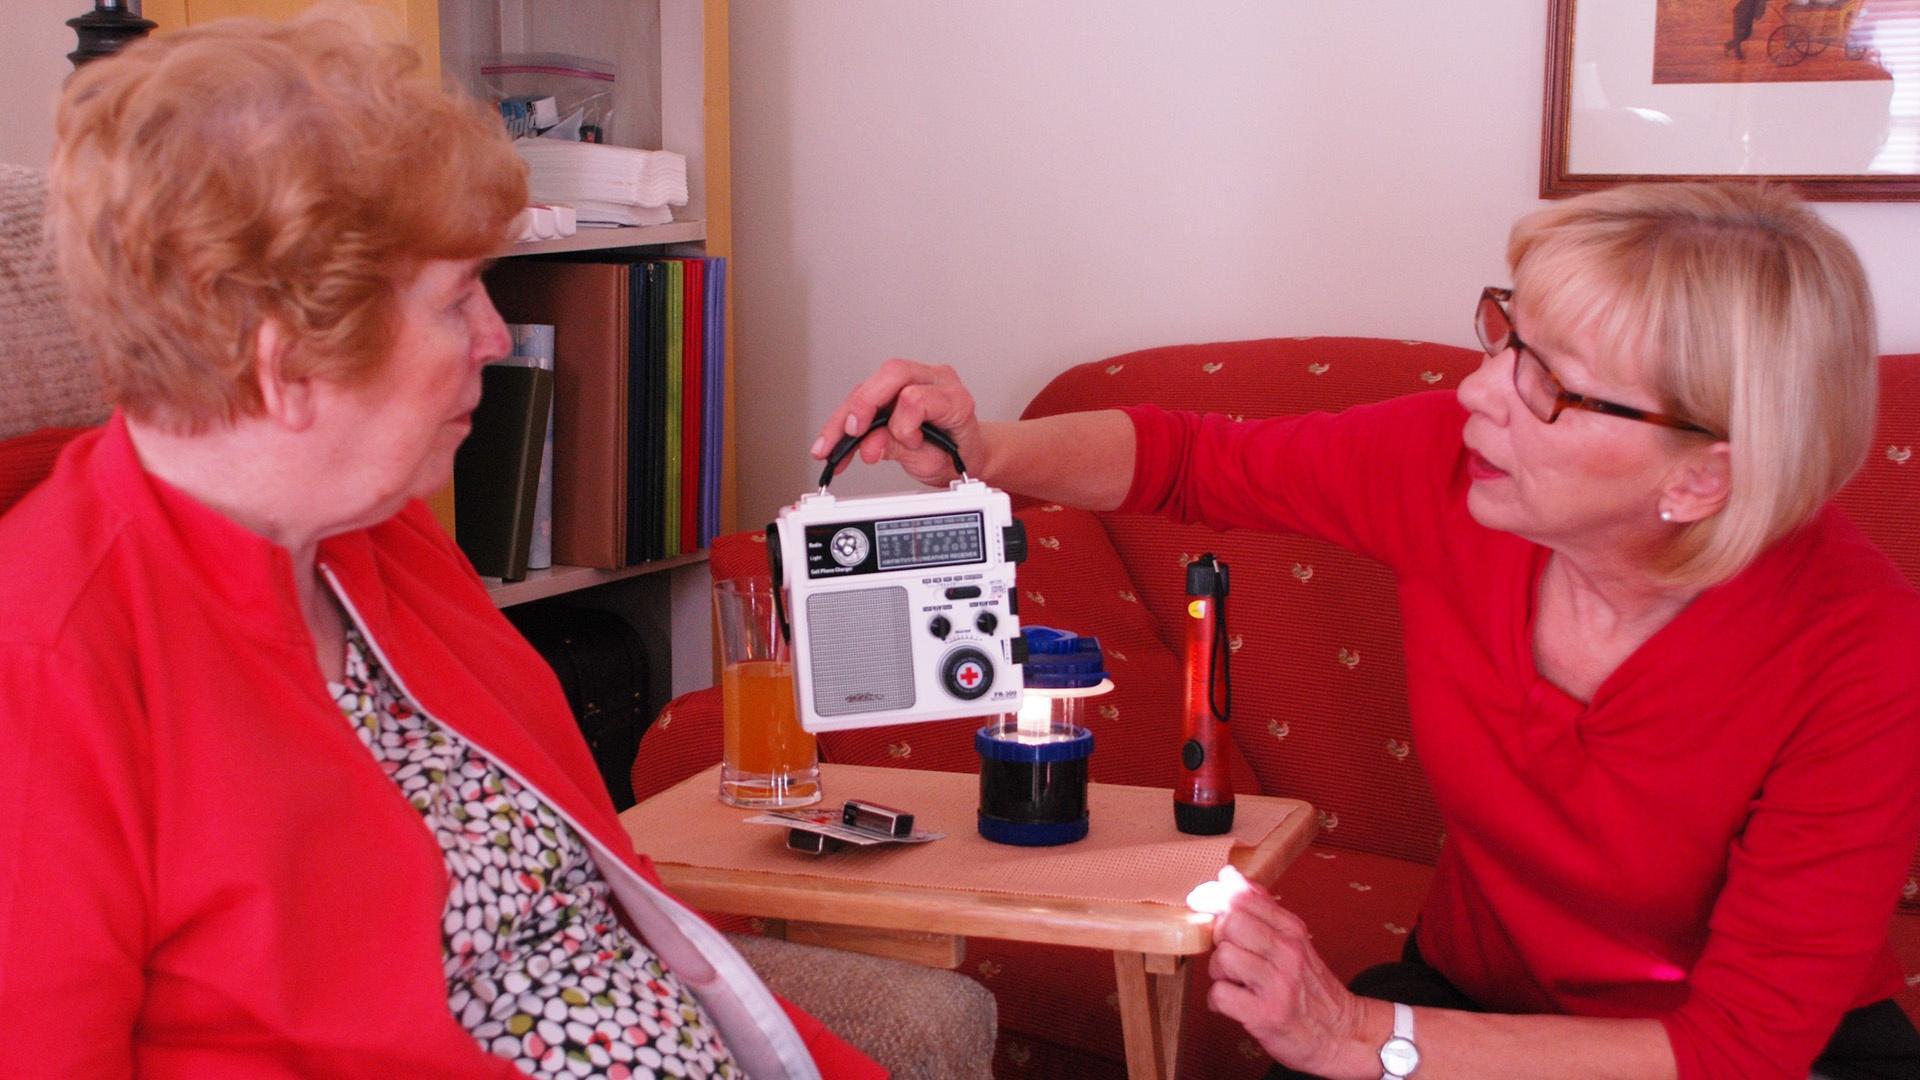 Caregiver lanning for emergencies